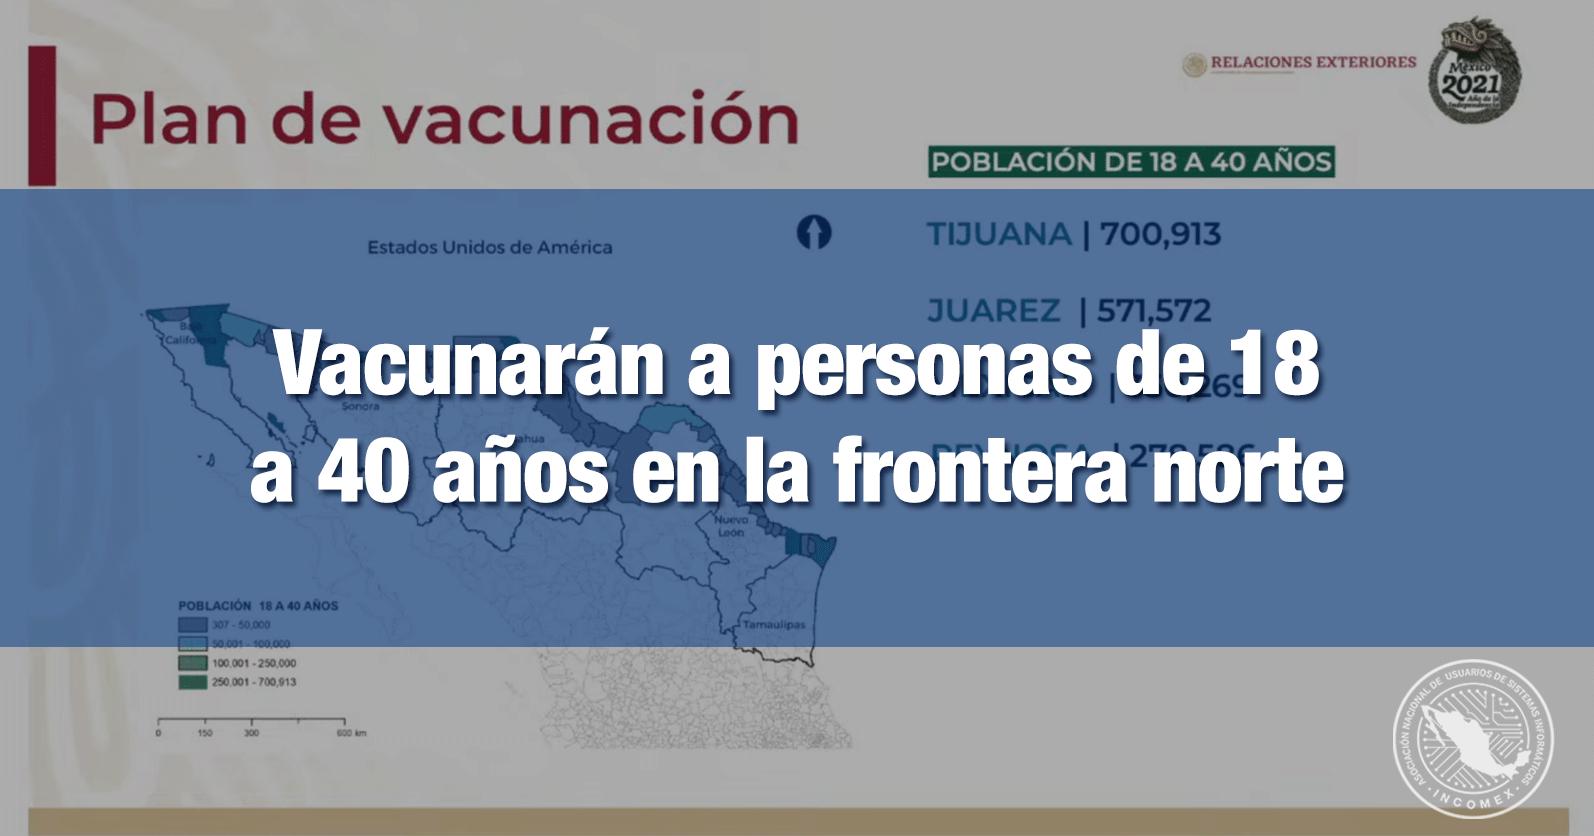 Vacunarán a personas de 18 a 40 años en la frontera norte